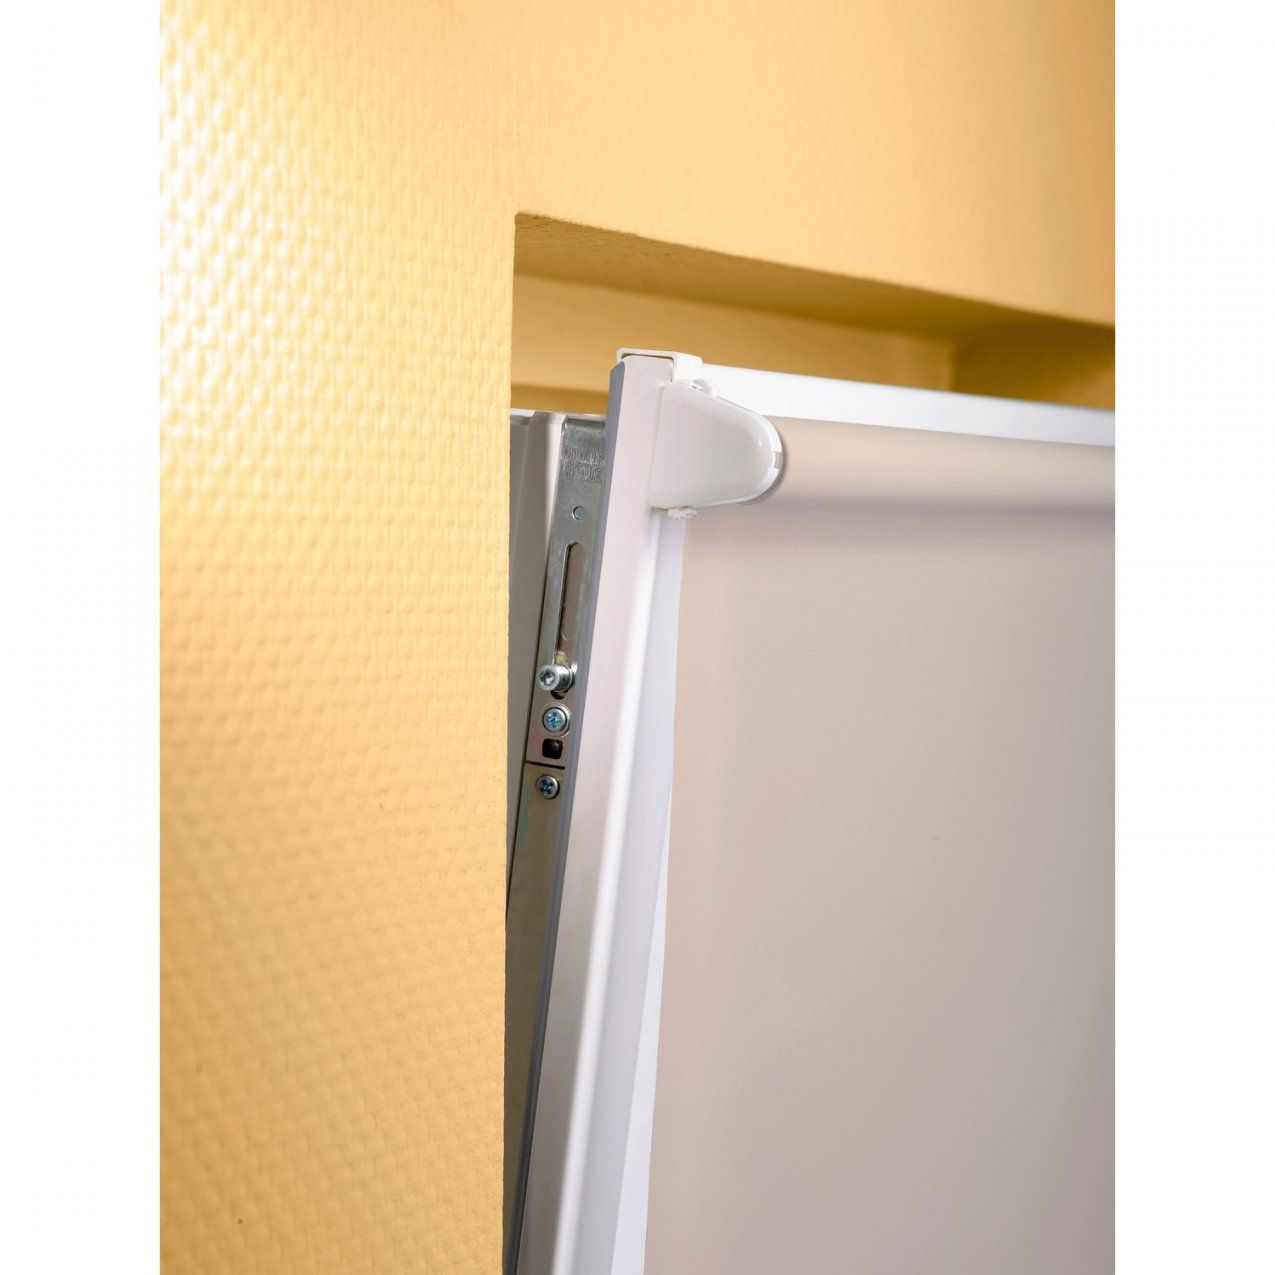 Obi Sonnenschutzrollo Sagunto 45 Cm X 175 Cm Taupe Kaufen Bei Obi von Obi Rollos Ohne Bohren Bild